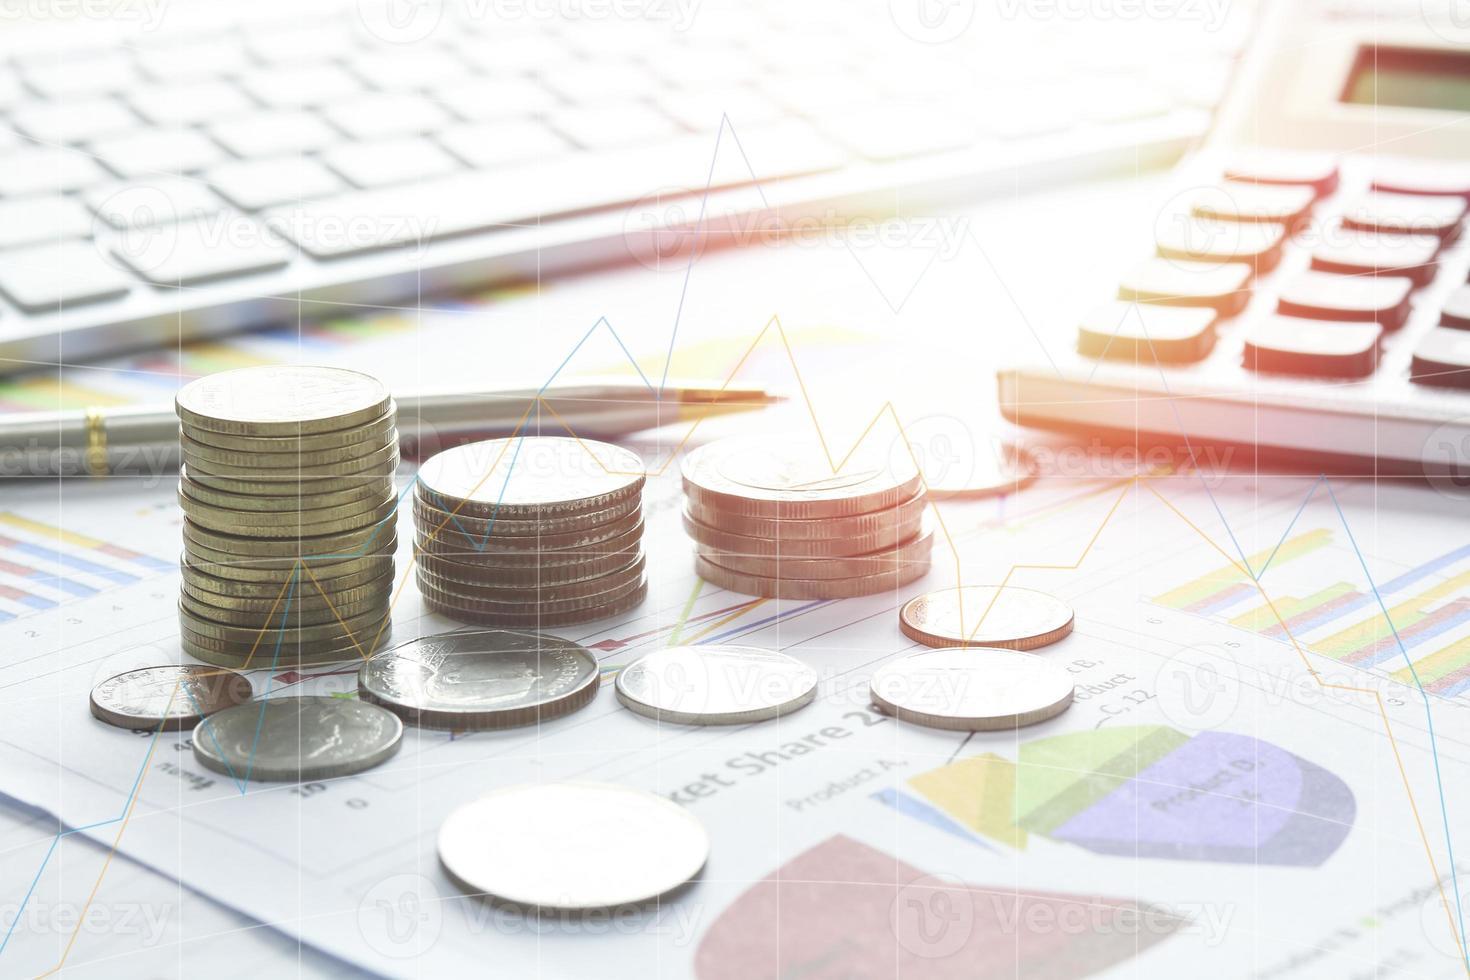 monedas en un escritorio con gráficos y calculadora foto